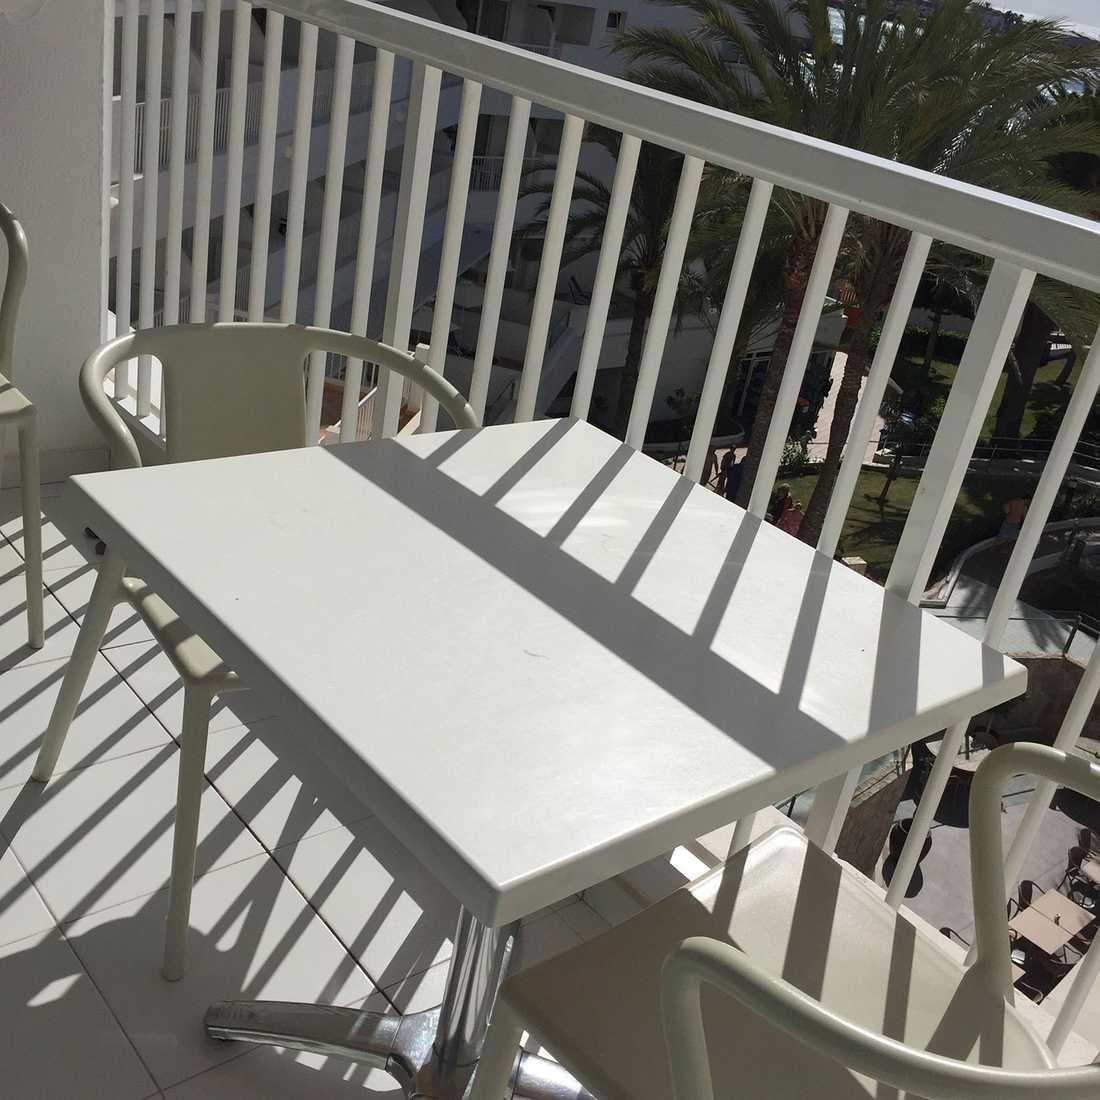 Det var en sådan här balkong som flickan ramlade ner ifrån.